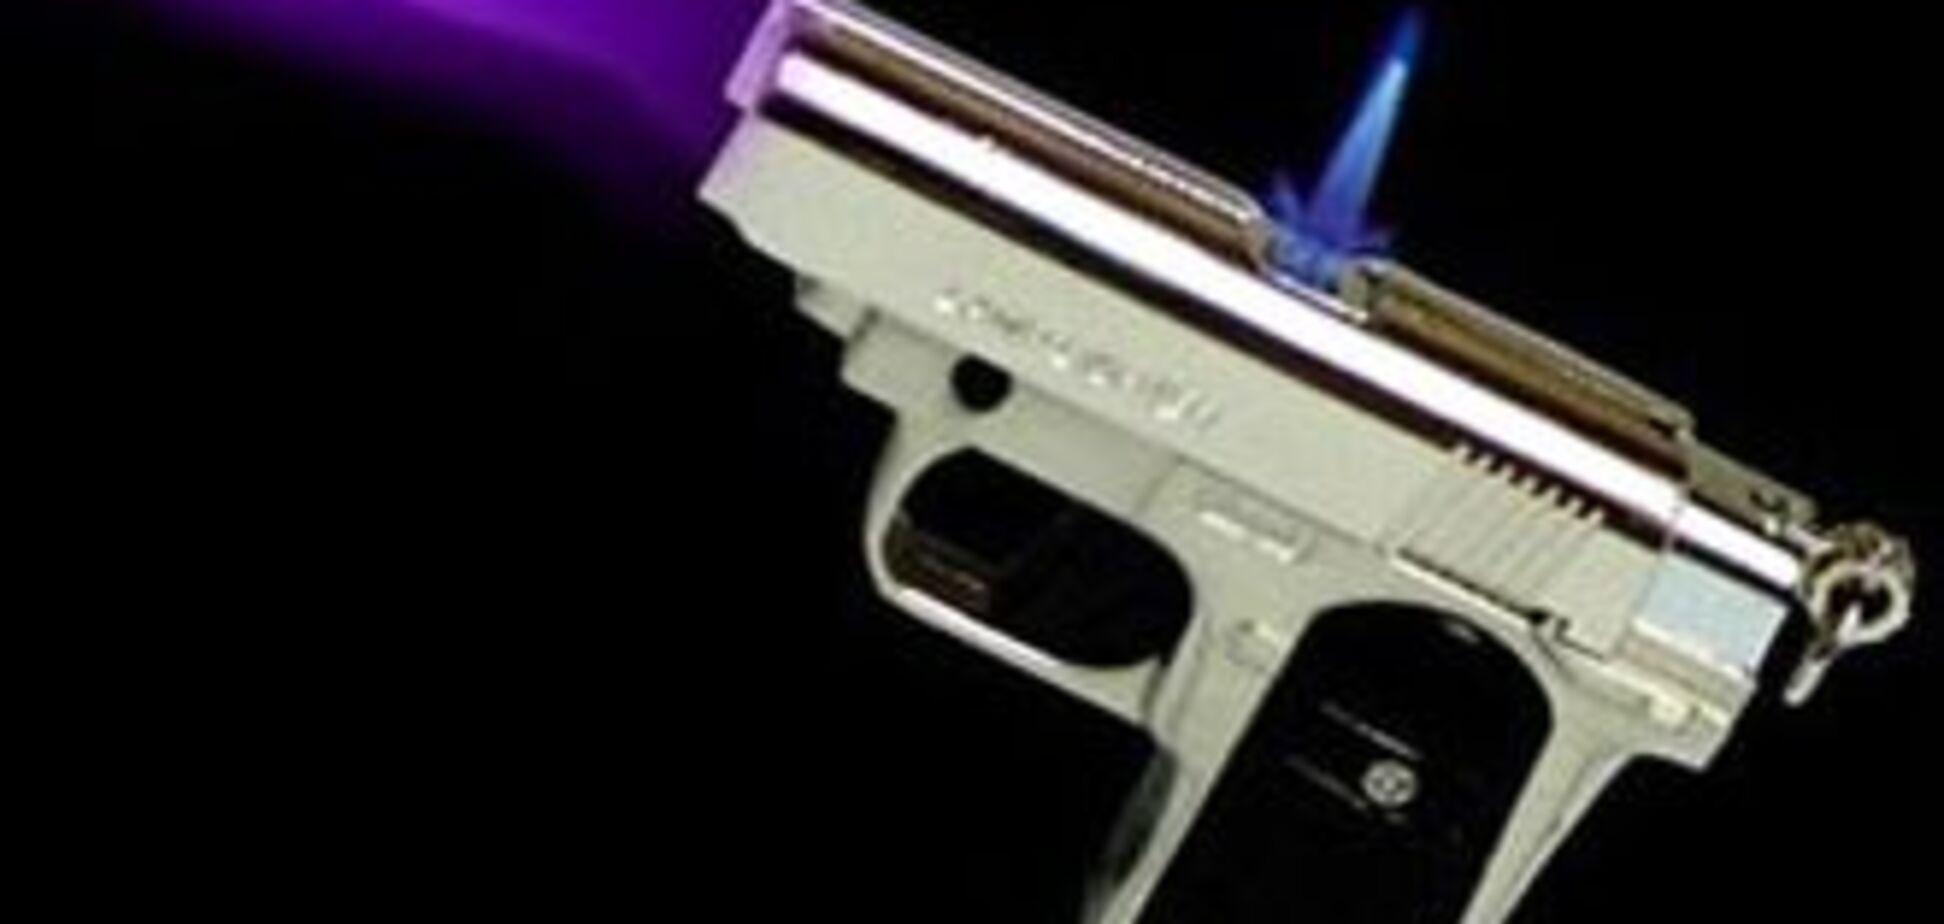 У Києві грабували відвідувачів кафе, погрожуючи запальничкою